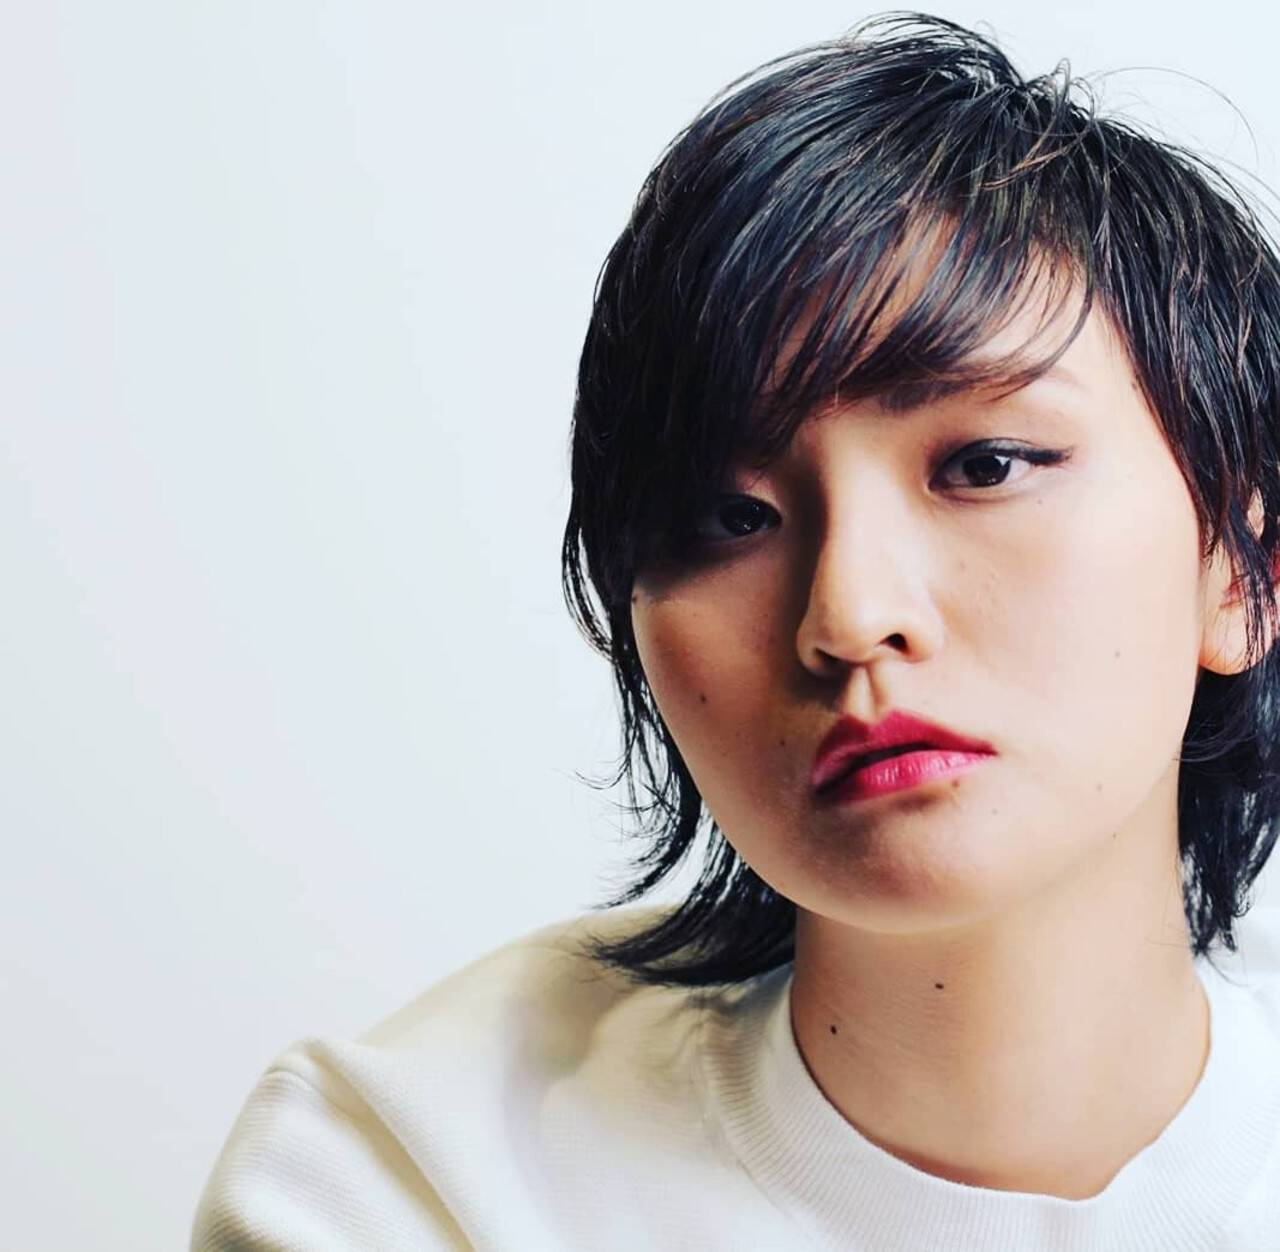 阿藤俊也 PEEK-A-BOO ウルフカット 大人ヘアスタイルヘアスタイルや髪型の写真・画像